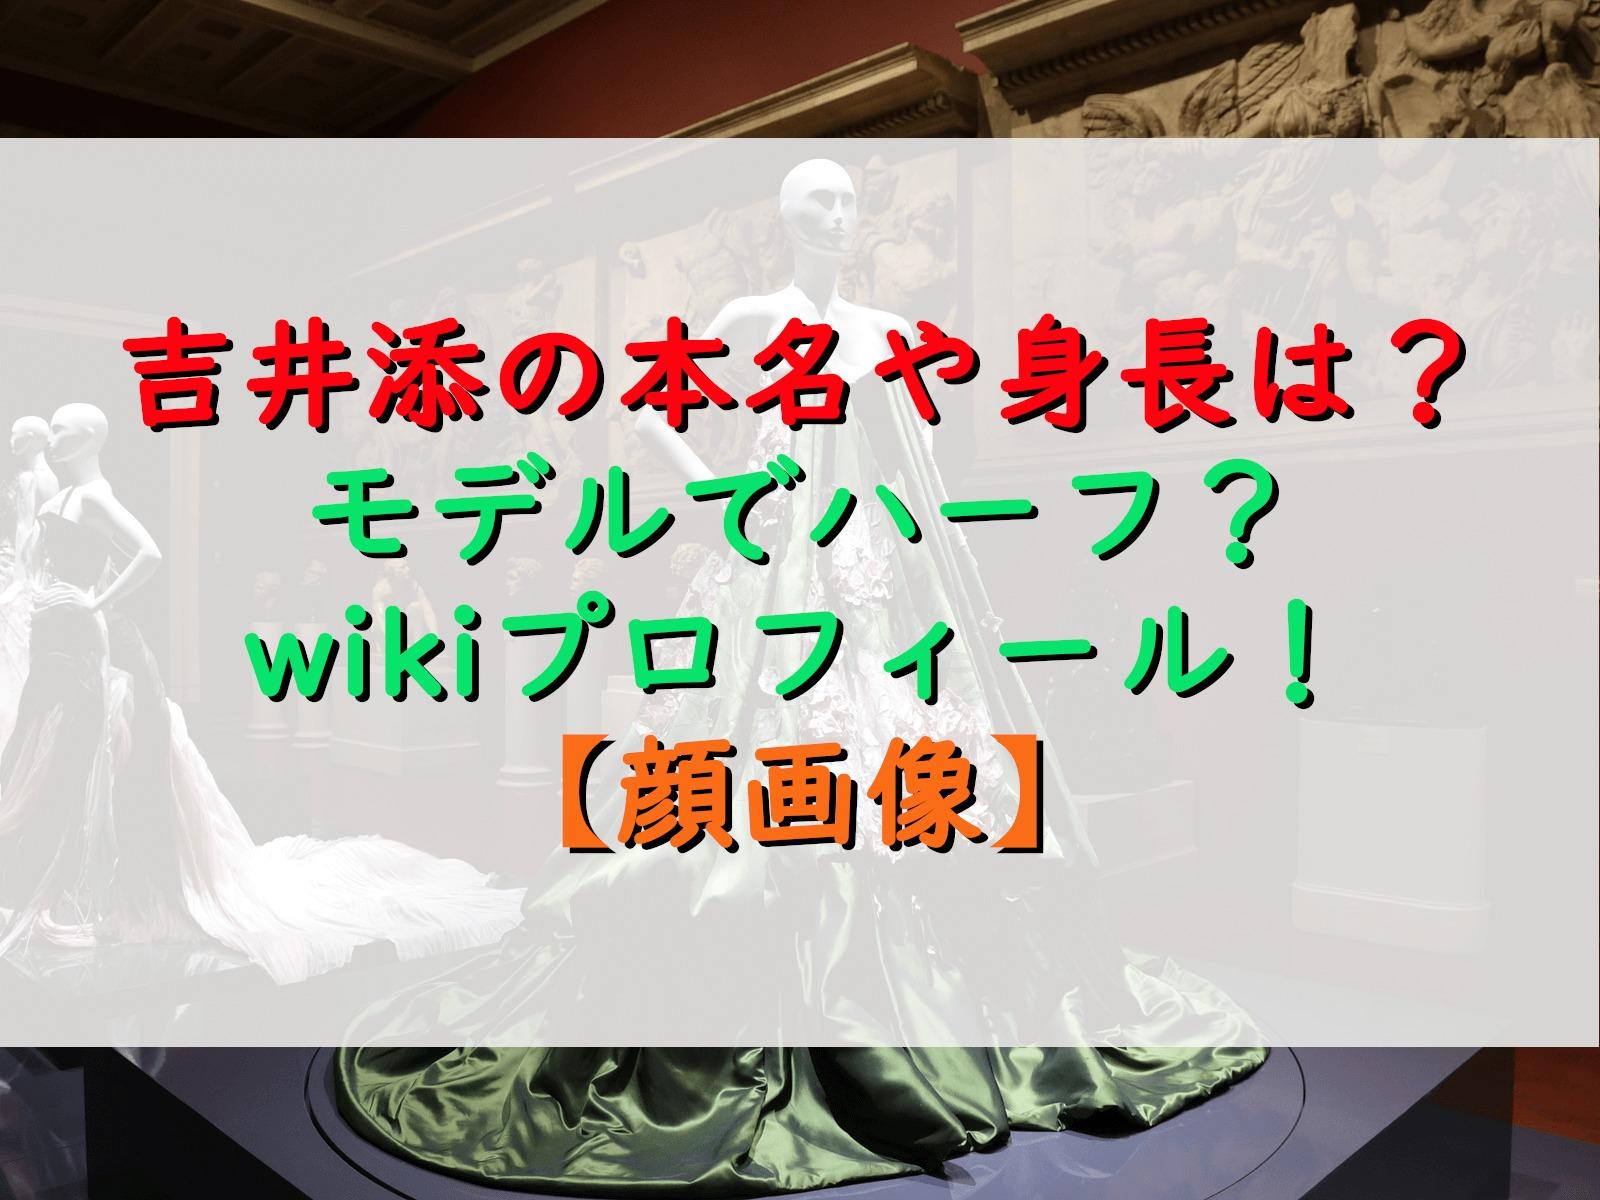 吉井添の本名や身長は?モデルでハーフ?wikiプロフィール!【顔画像】